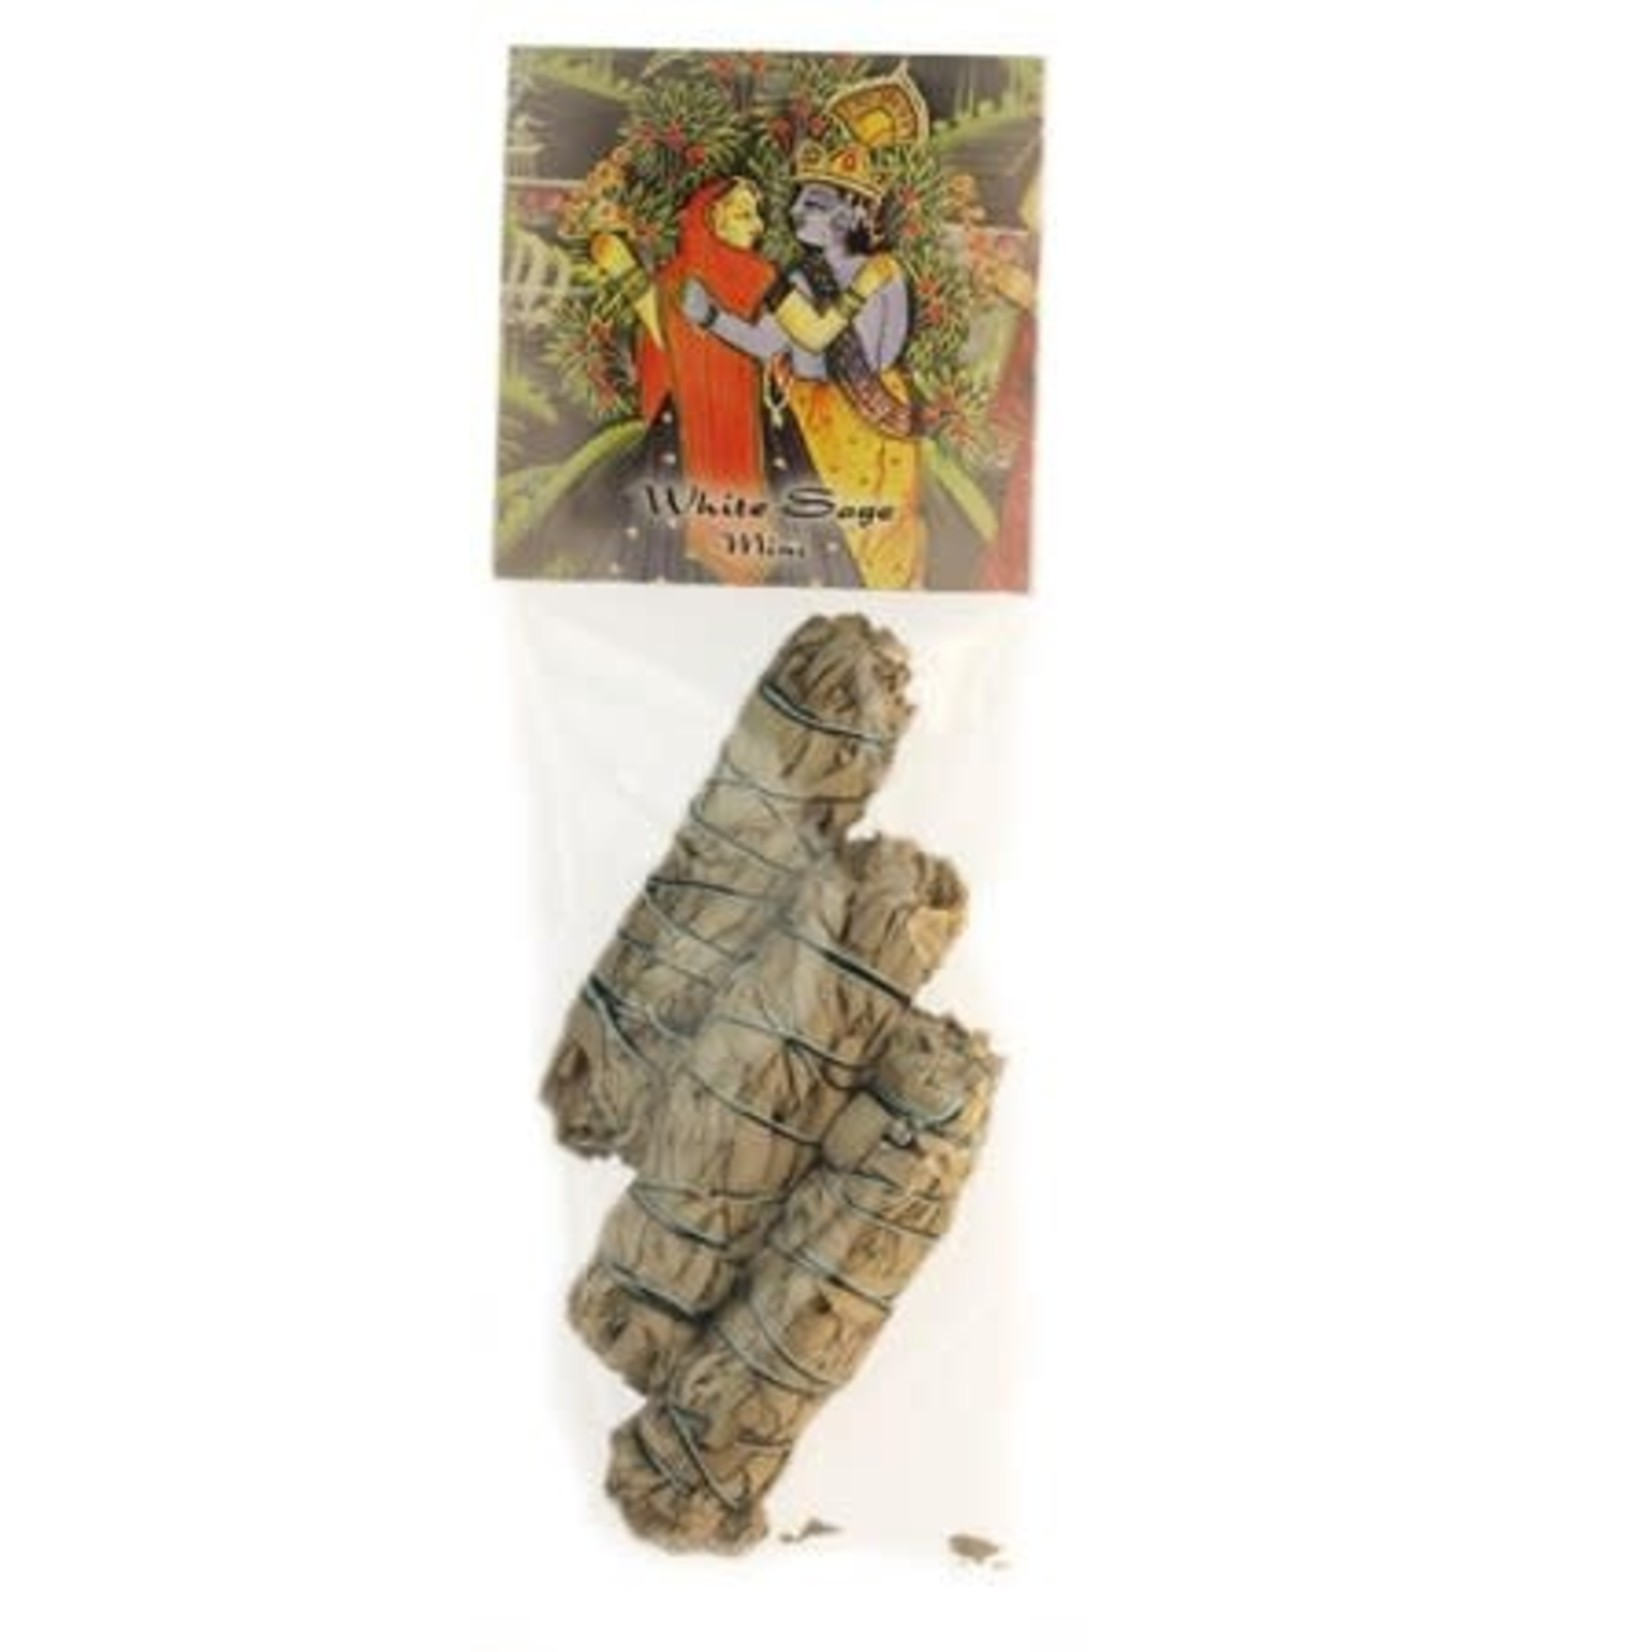 Prabhujis Gifts White Sage Smudge Stick Mini Bundles